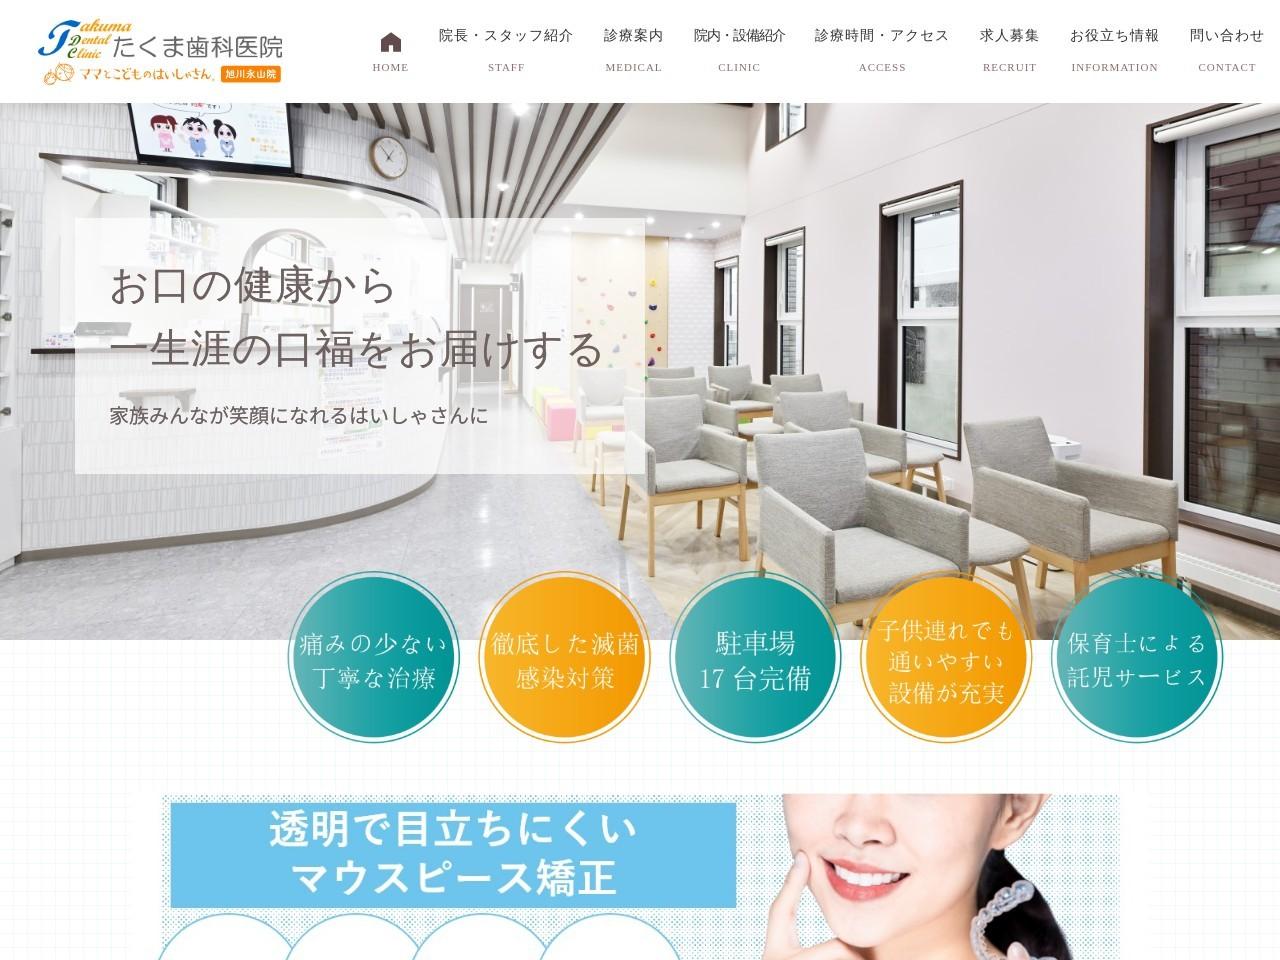 たくま歯科医院 (北海道旭川市)